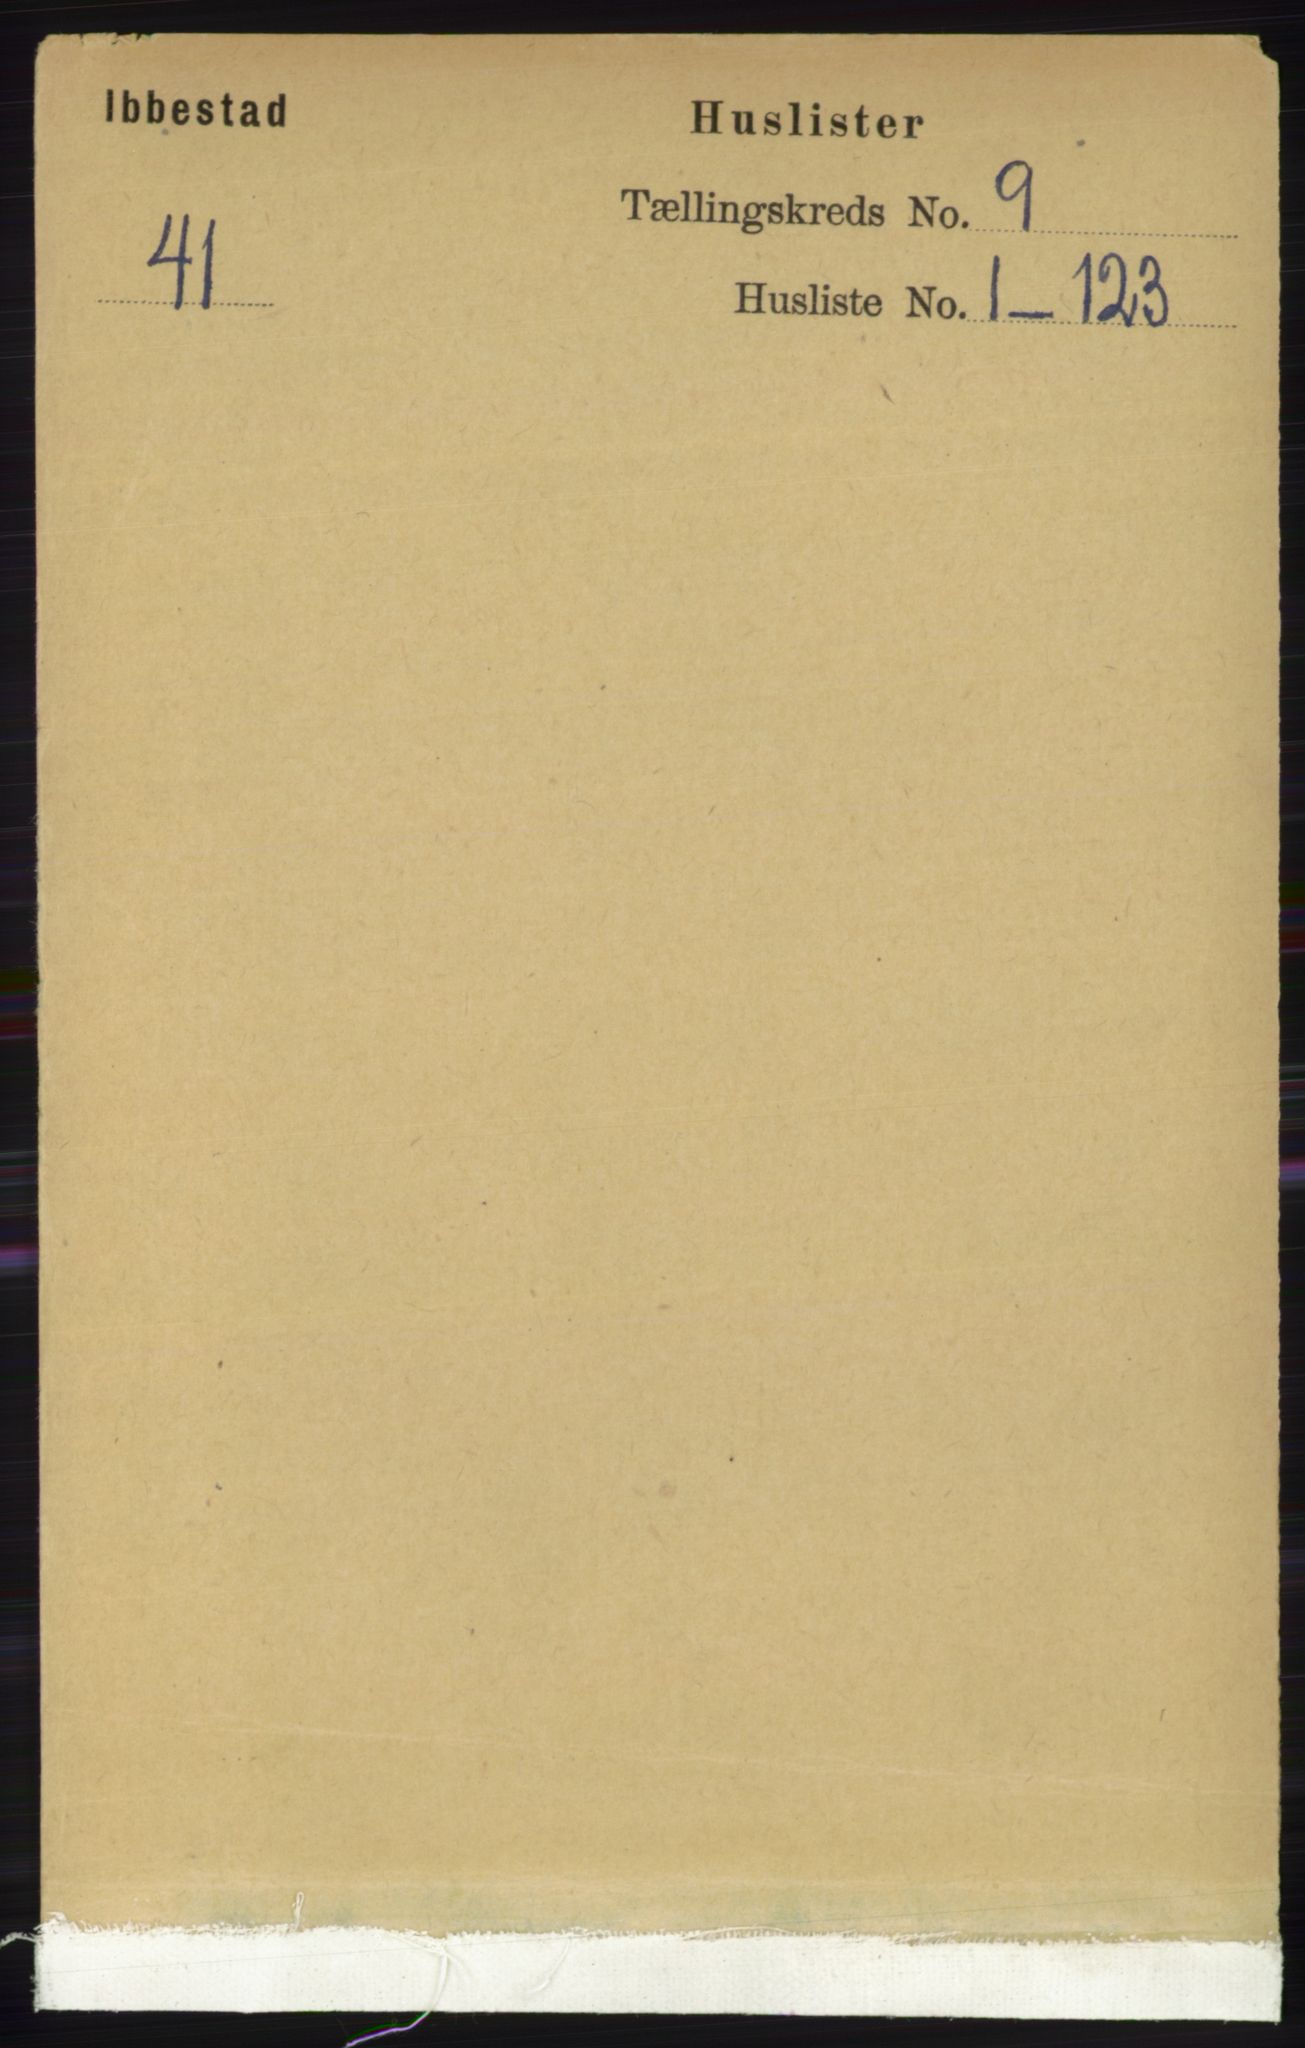 RA, Folketelling 1891 for 1917 Ibestad herred, 1891, s. 5851